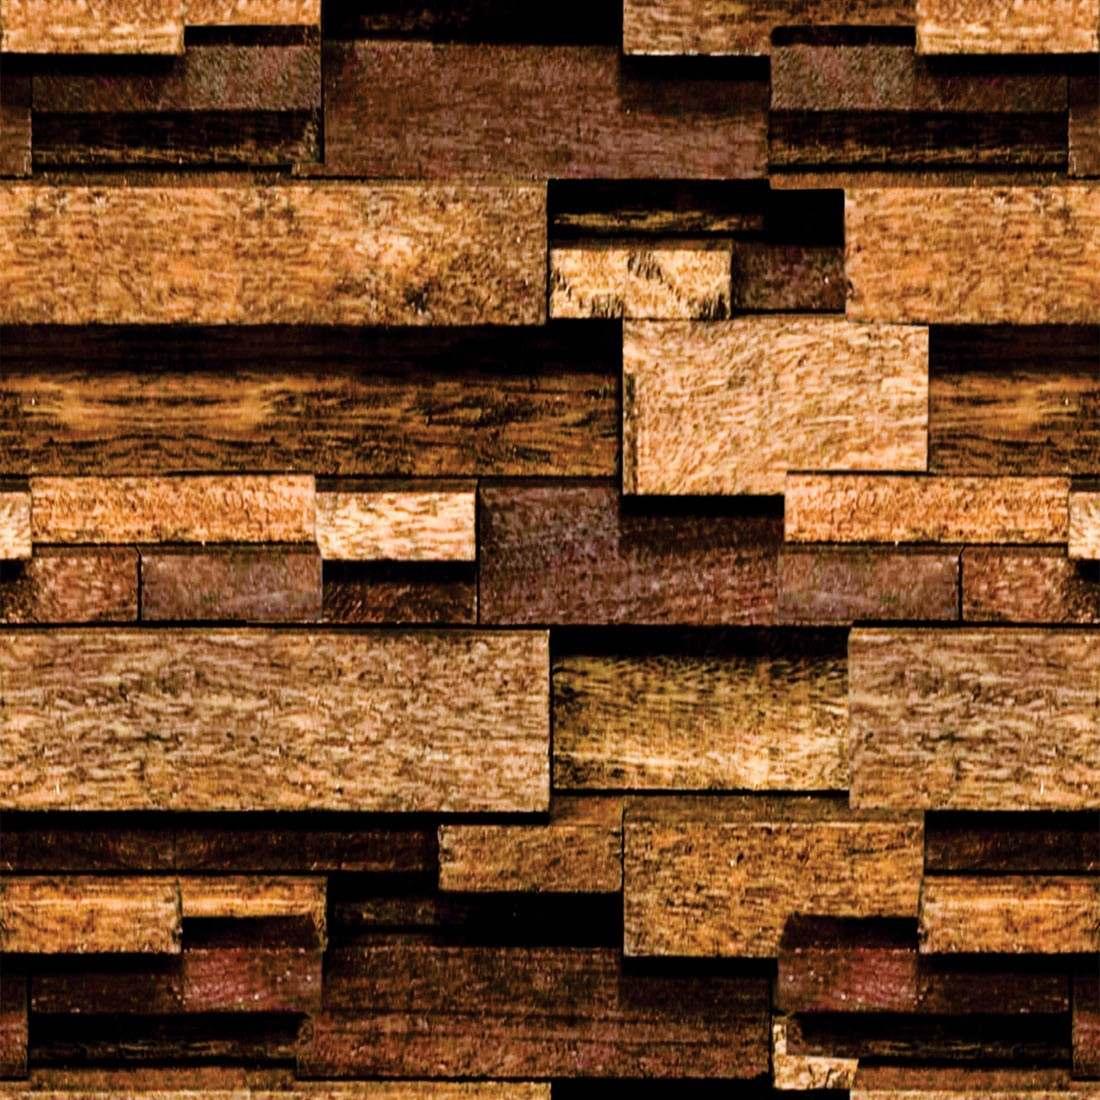 Papel de parede madeira t buas 3d adesivo fosco r 59 94 for Papel pintado para paredes 3d